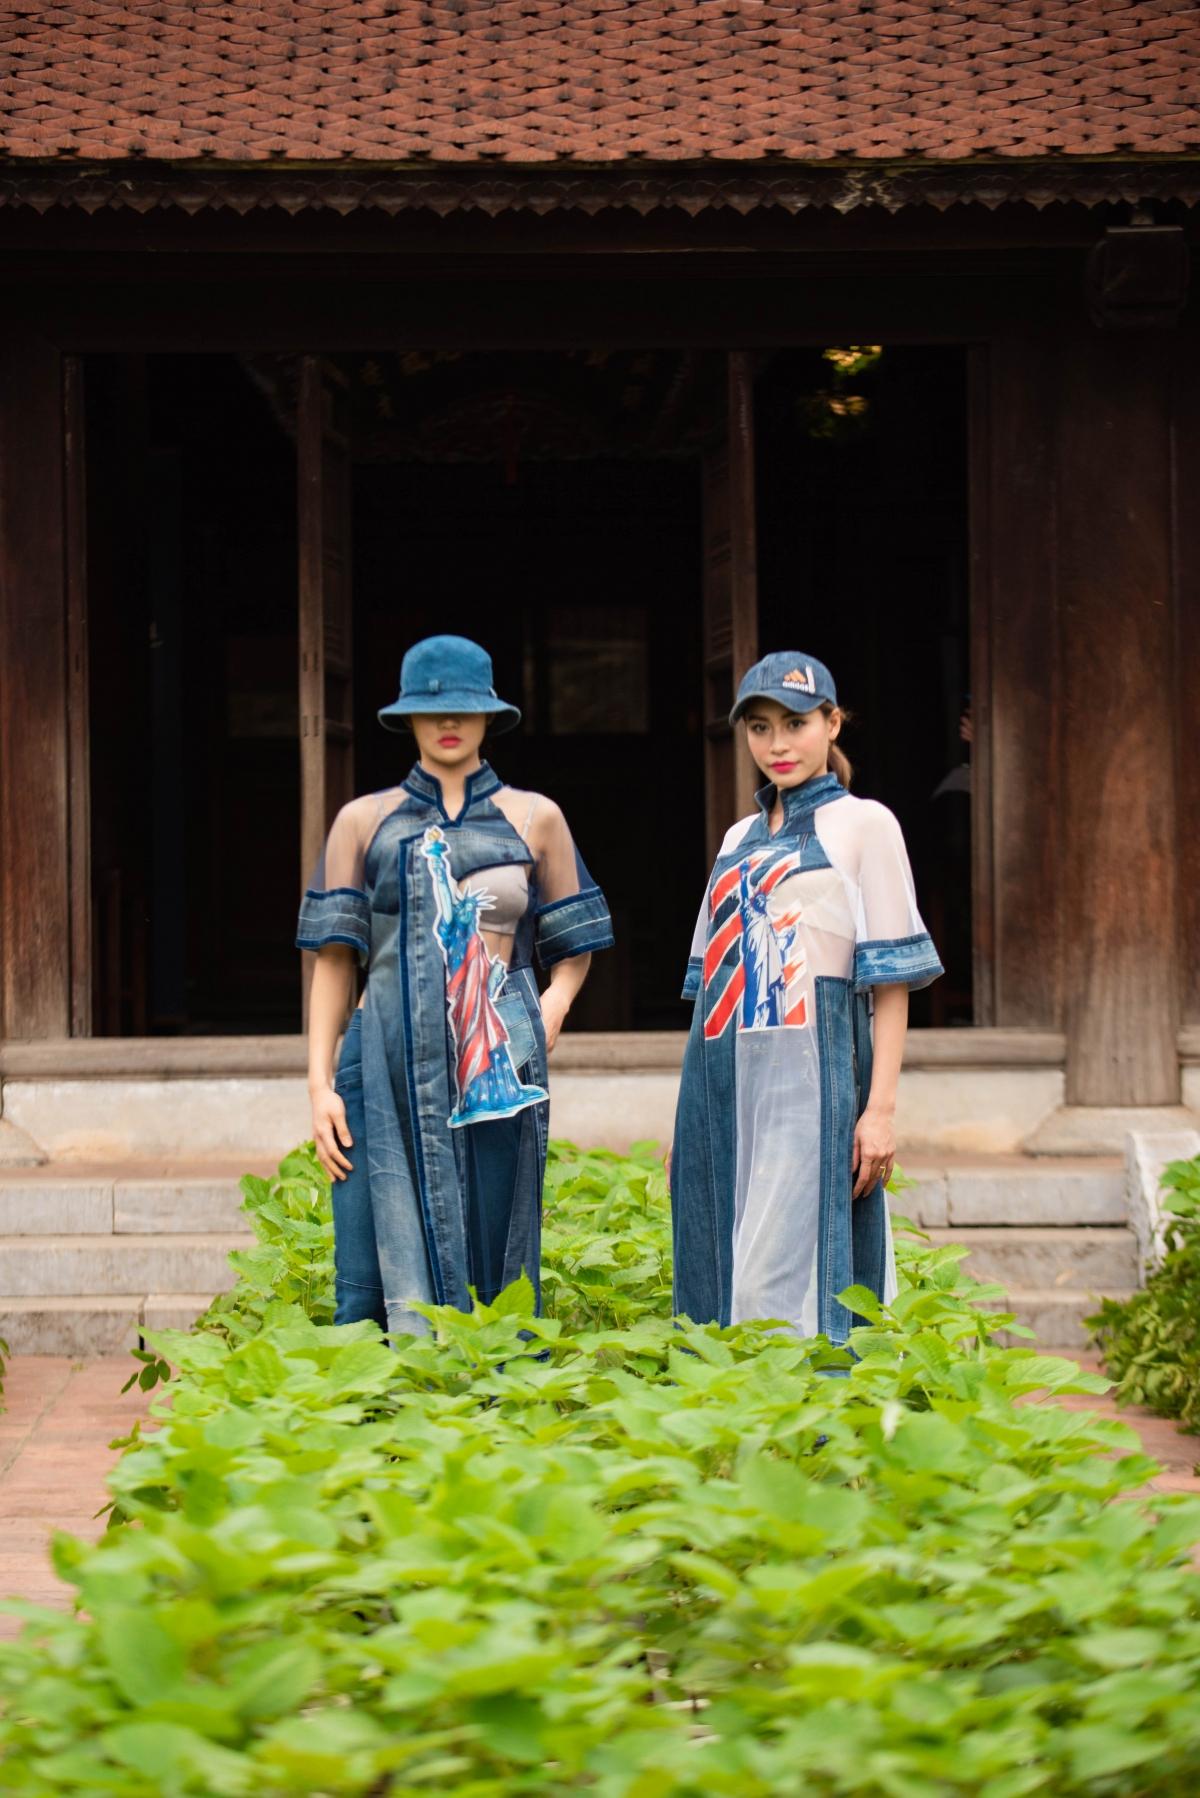 Chất liệu truyền thống Việt Nam sẽ ghi thêm dấu ấn đậm nét về cội nguồn dân tộc trên chiếc áo dài.